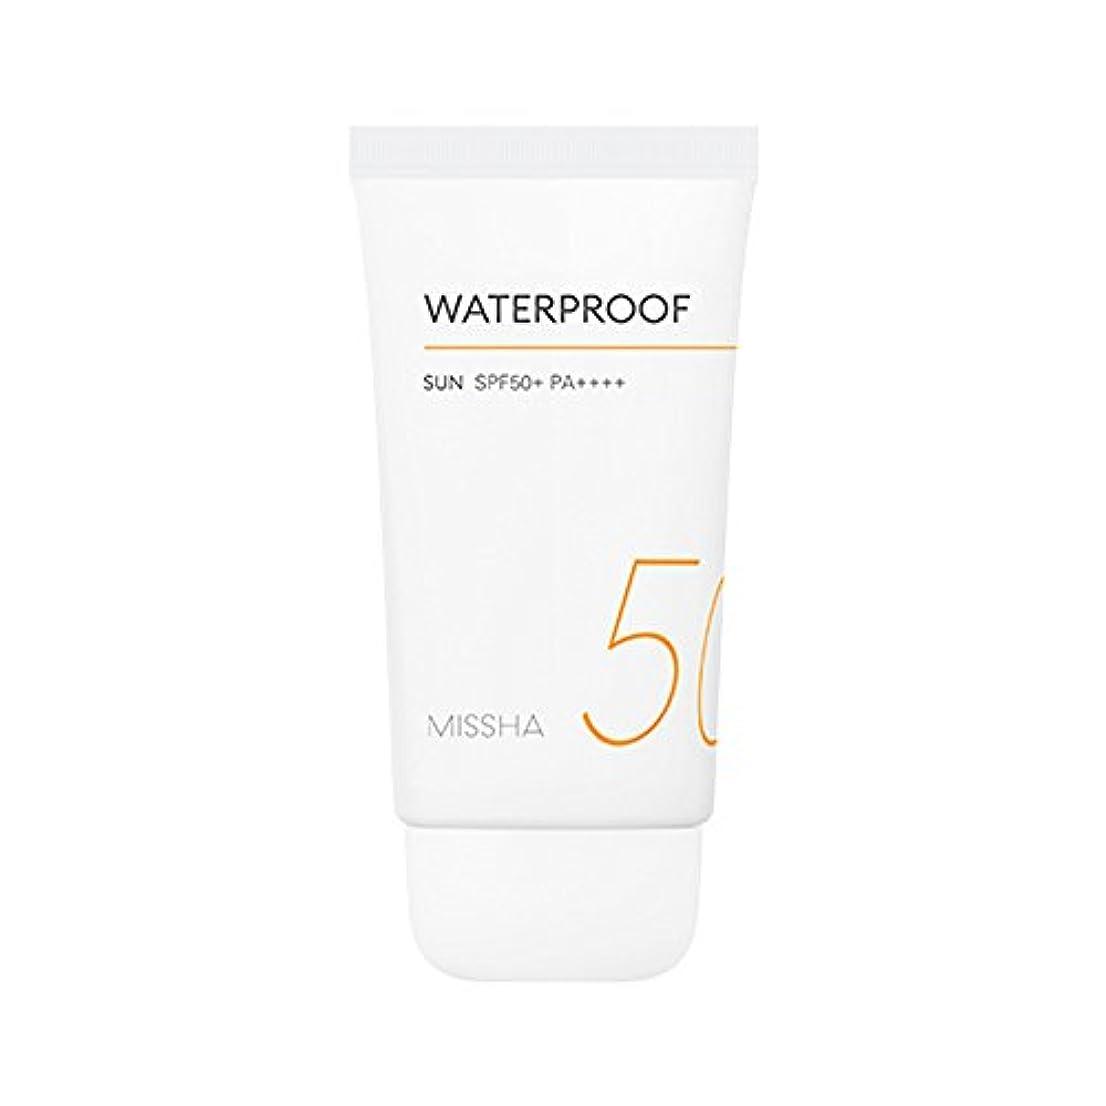 シフト成長する浸漬Missha All Around Safe Block Waterproof Sun SPF50+ PA++++ 50ml ミシャ オール アラウンド セーフ ブロック ウォータープルーフ サン 50ml [並行輸入品]